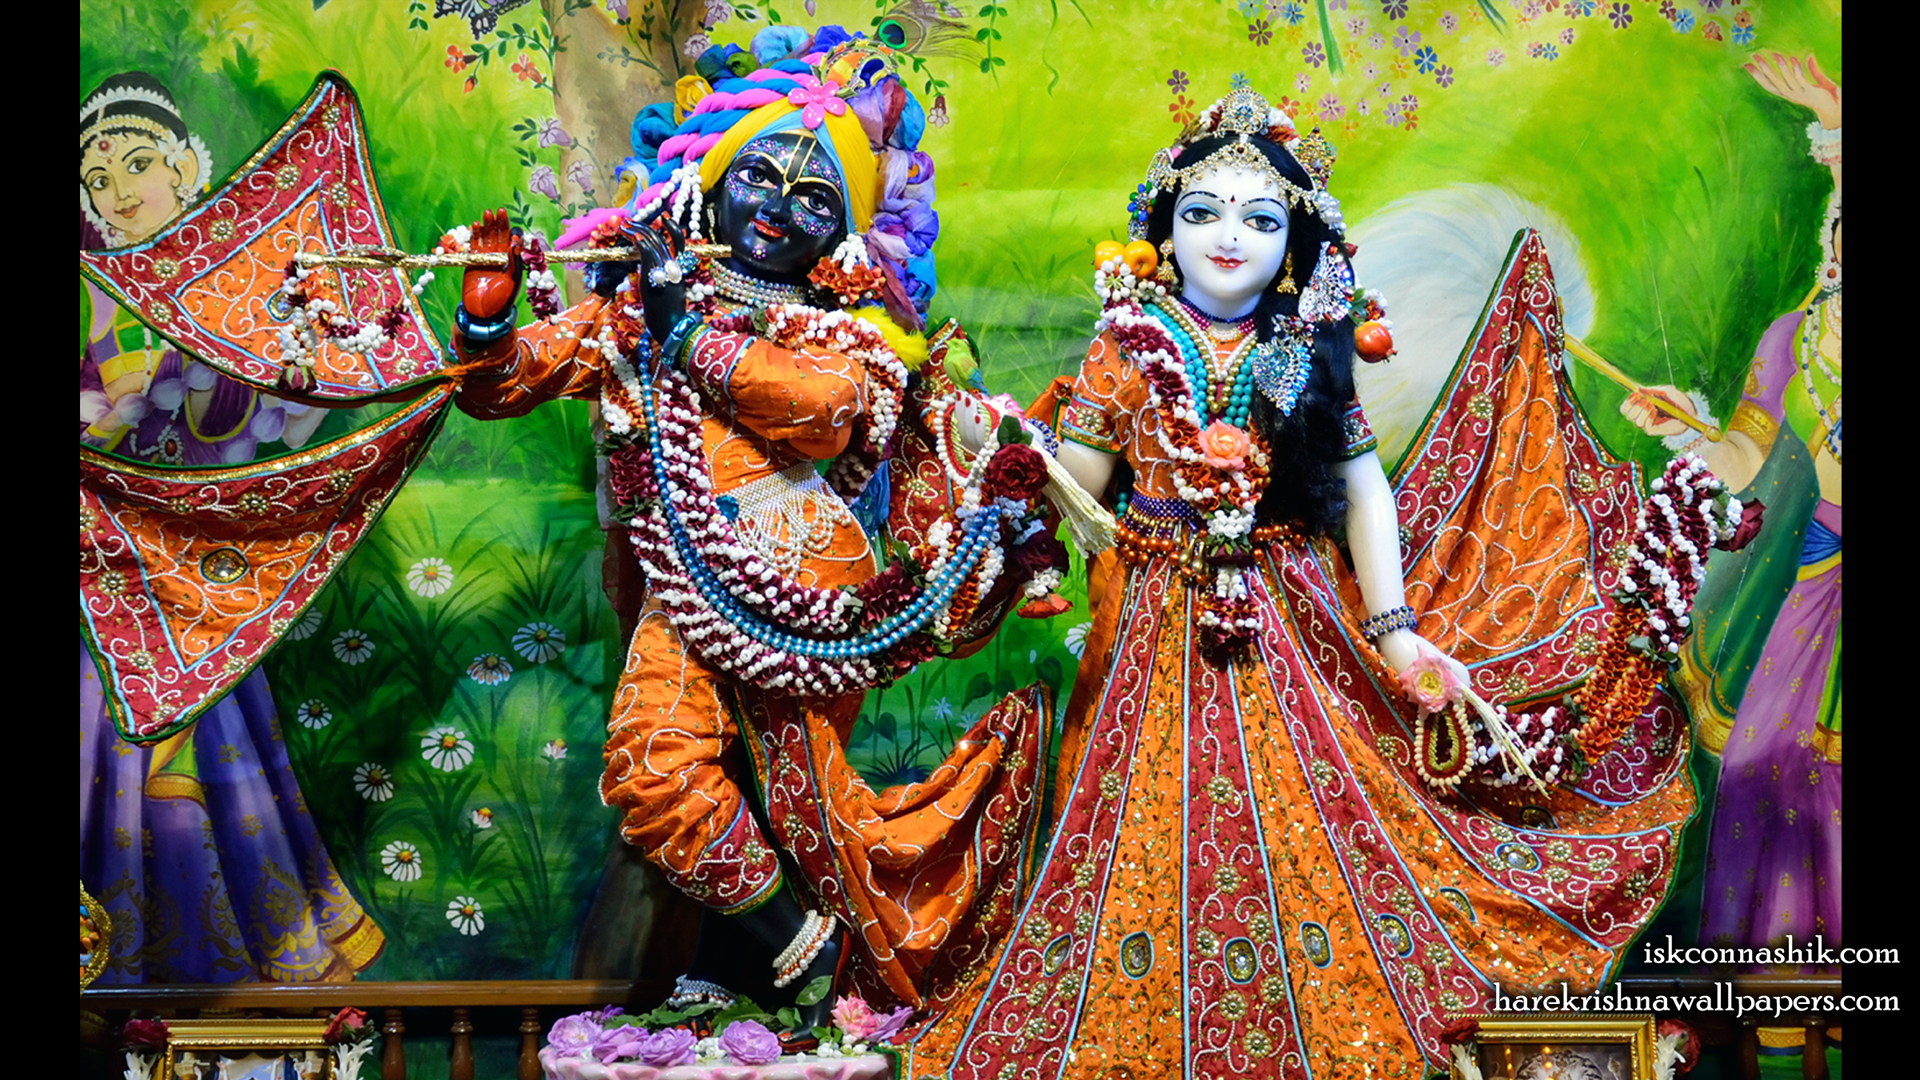 Sri Sri Radha Madan Gopal Wallpaper (024) Size 1920x1080 Download